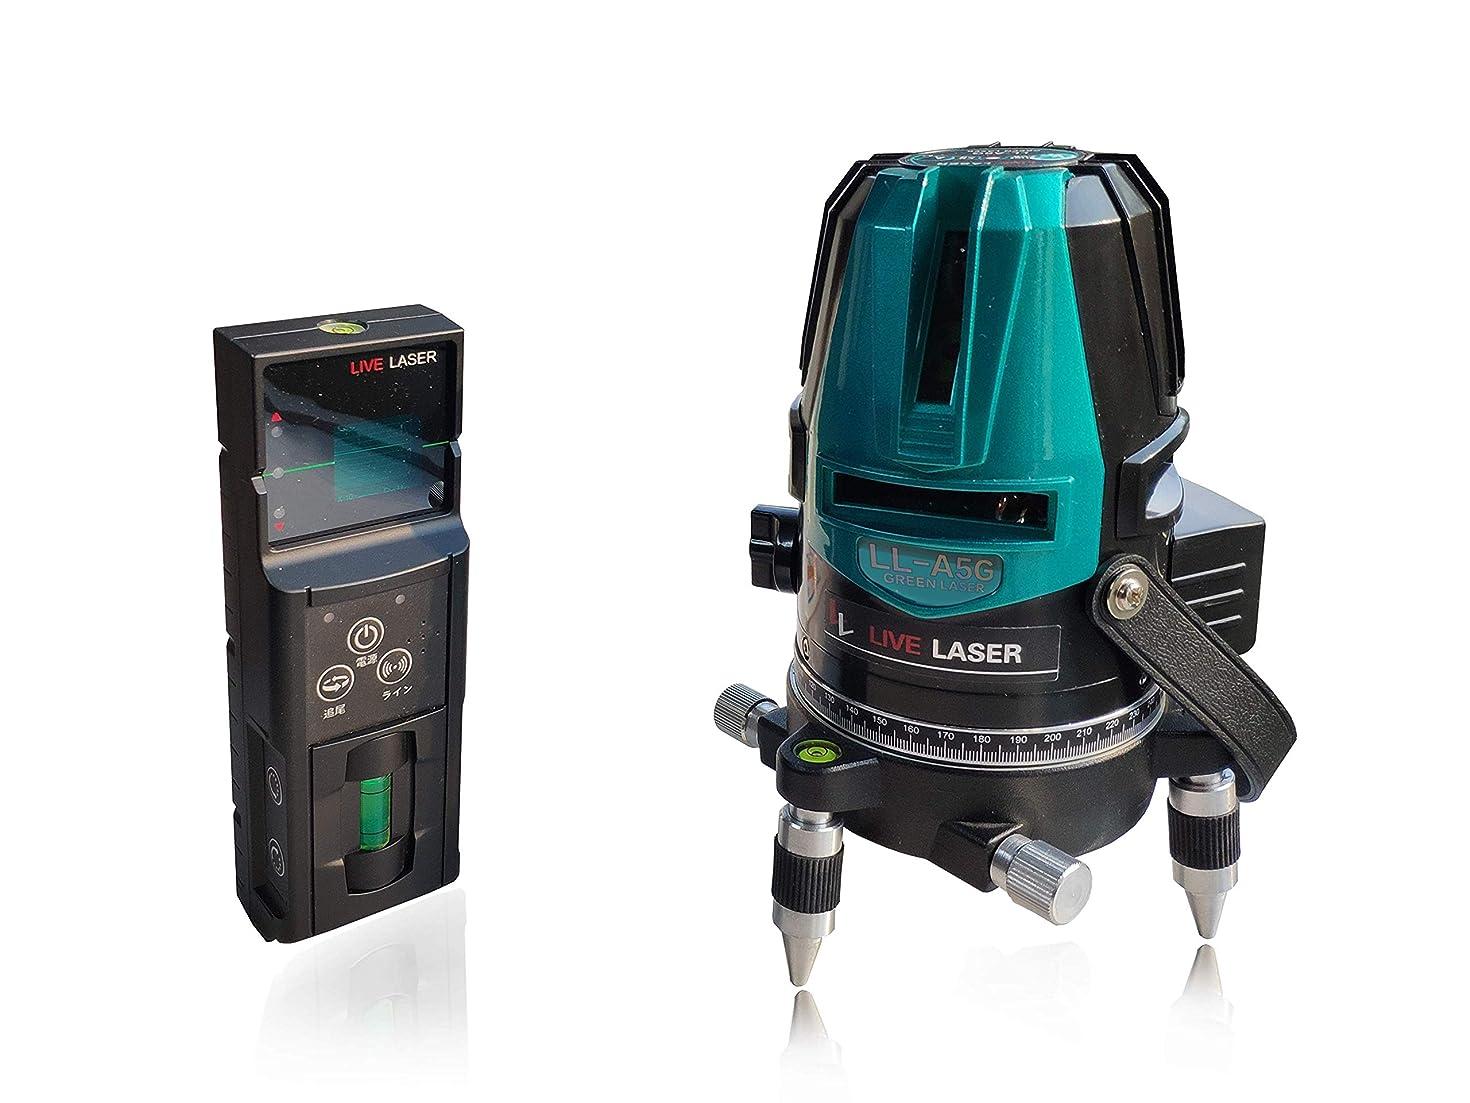 脊椎反逆者ランデブーLIVE LASER 自動追尾 LL-A5G/LL-A8G 5ライン/8ライン 墨出し器 グリーンレーザー 全自動 オートレベル 屋内?屋外兼用墨出し器 (LL-A5G(5ライン))